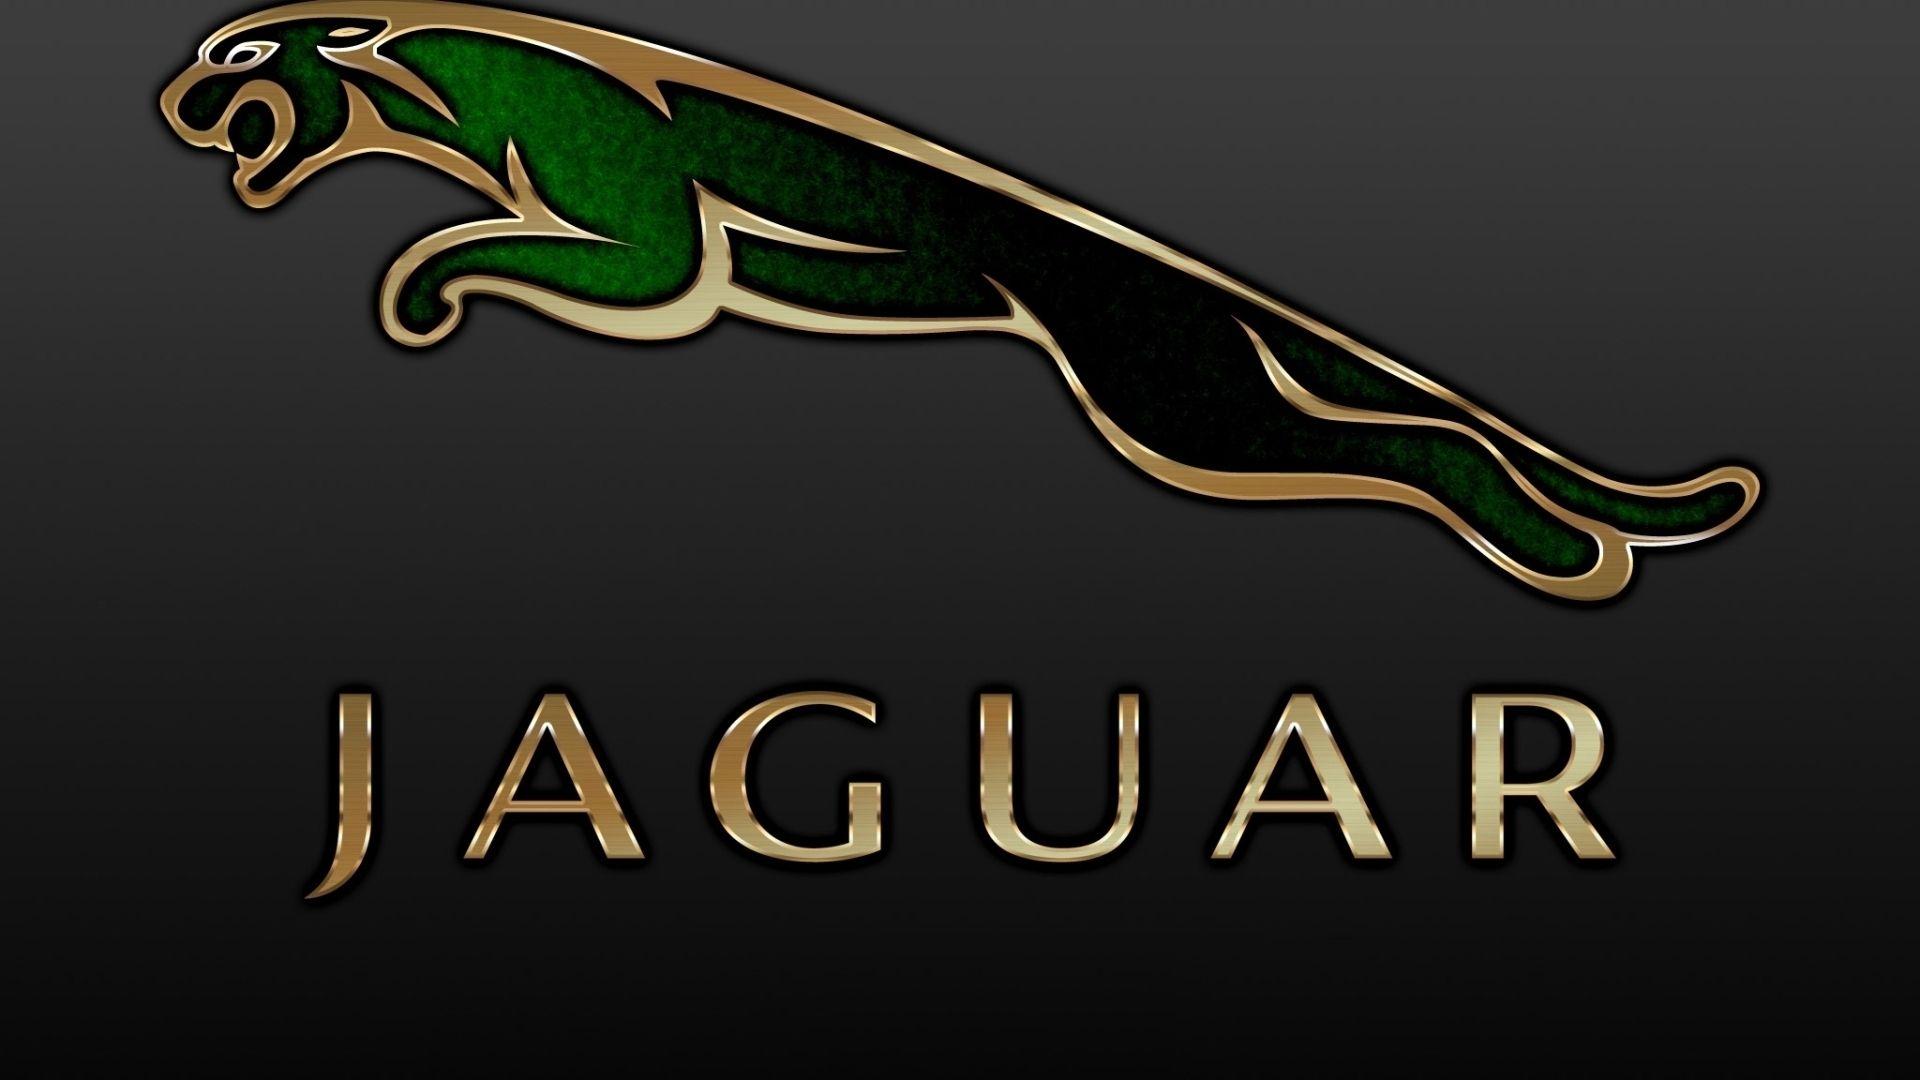 Jaguar Logo (With images) Jaguar, Jaguar car, Jaguar car